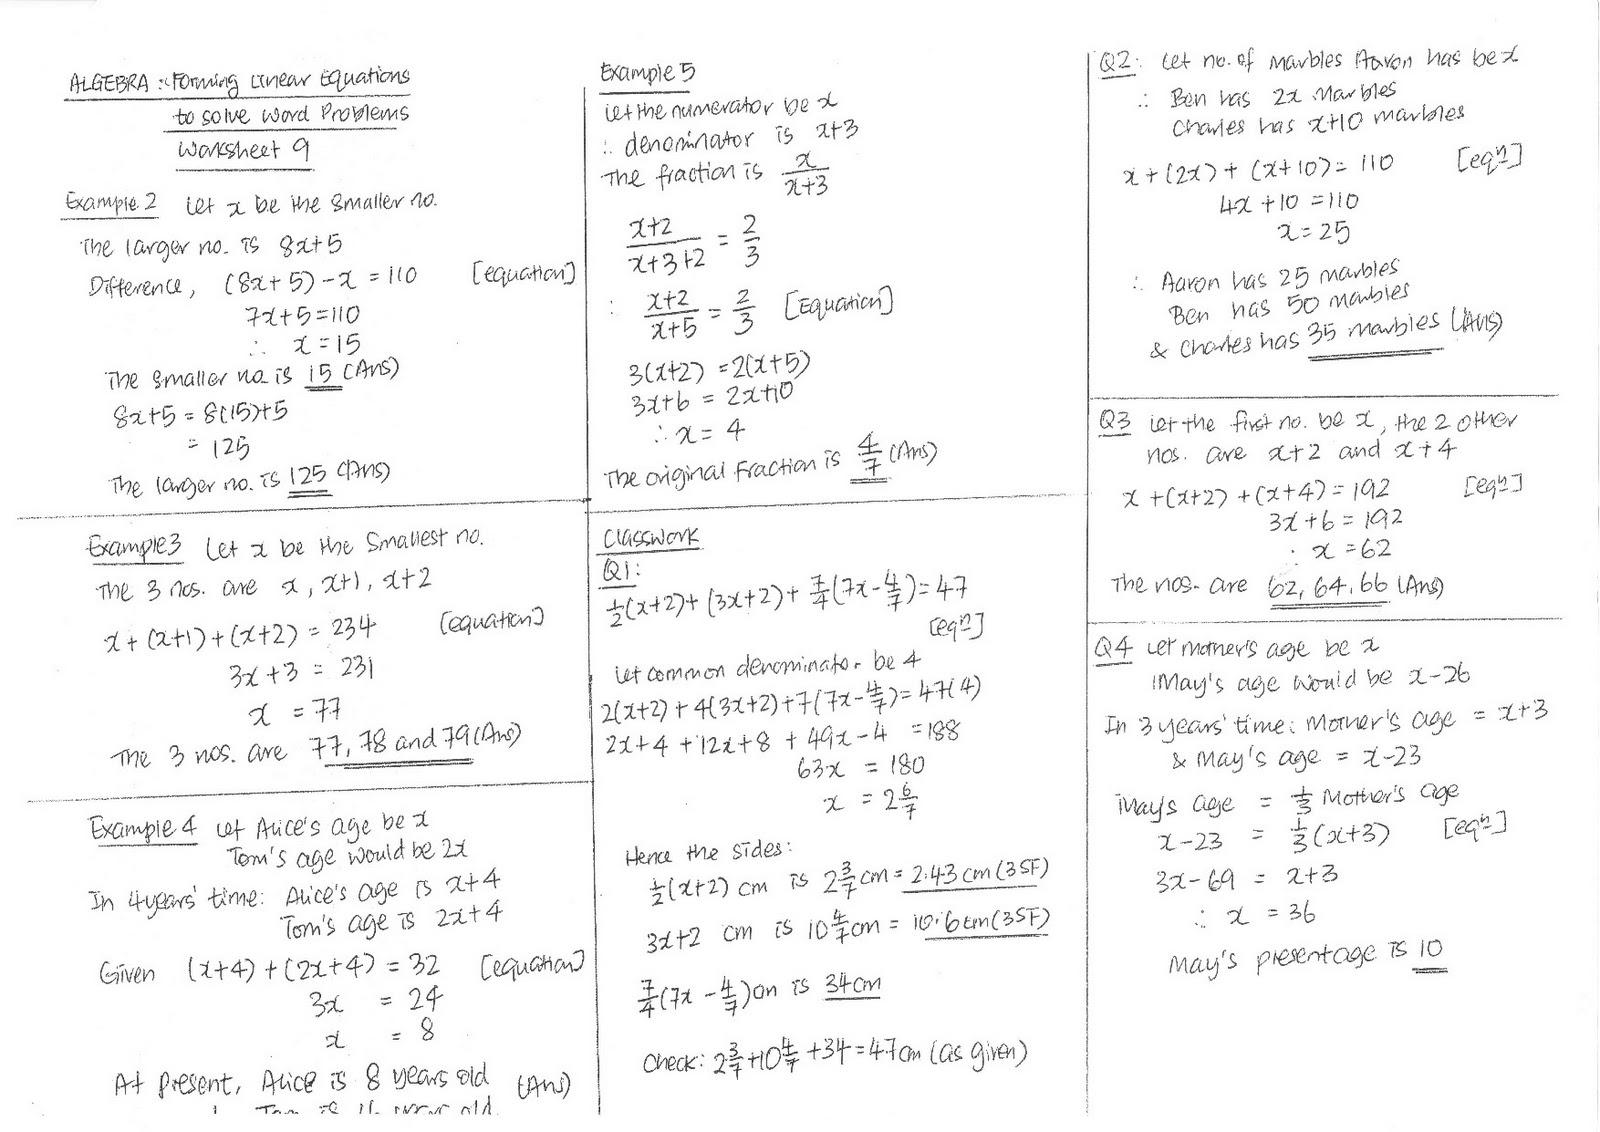 2011 S1-06 Maths Blog